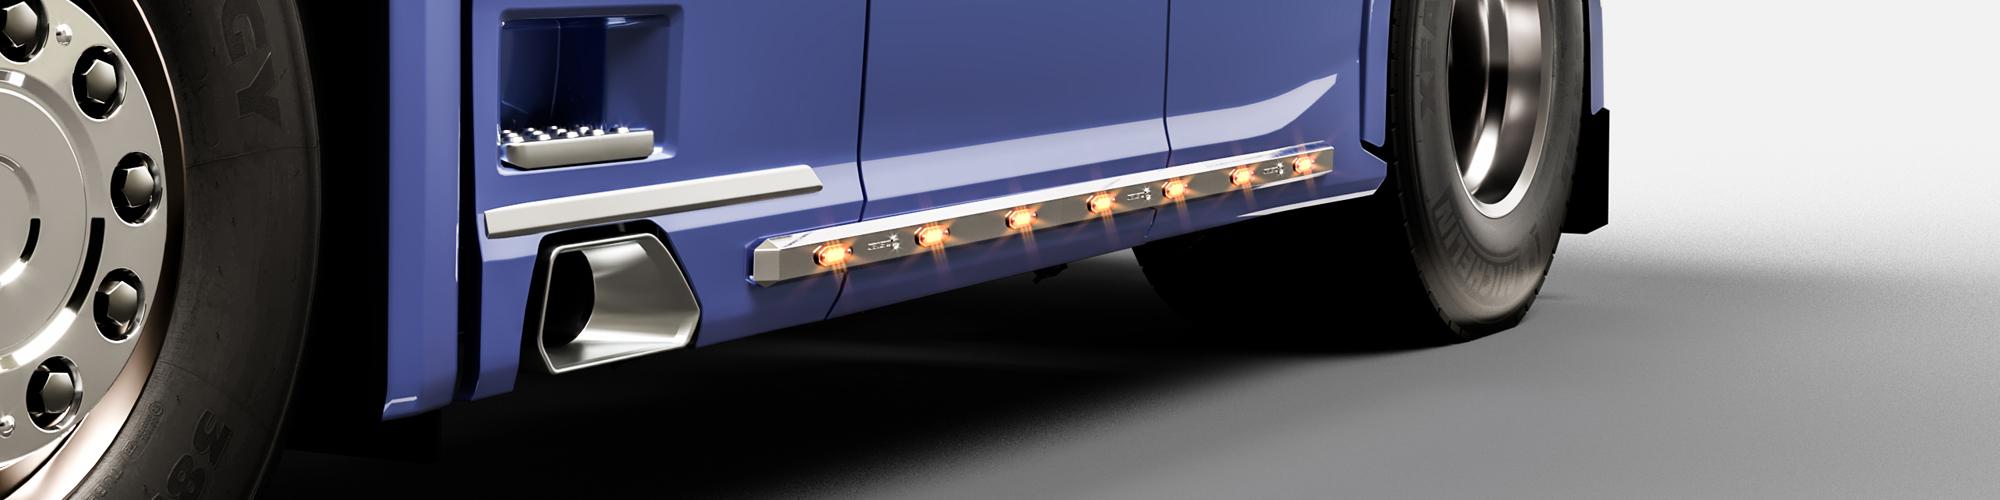 LED list 480mm Vit bakgrundsbild